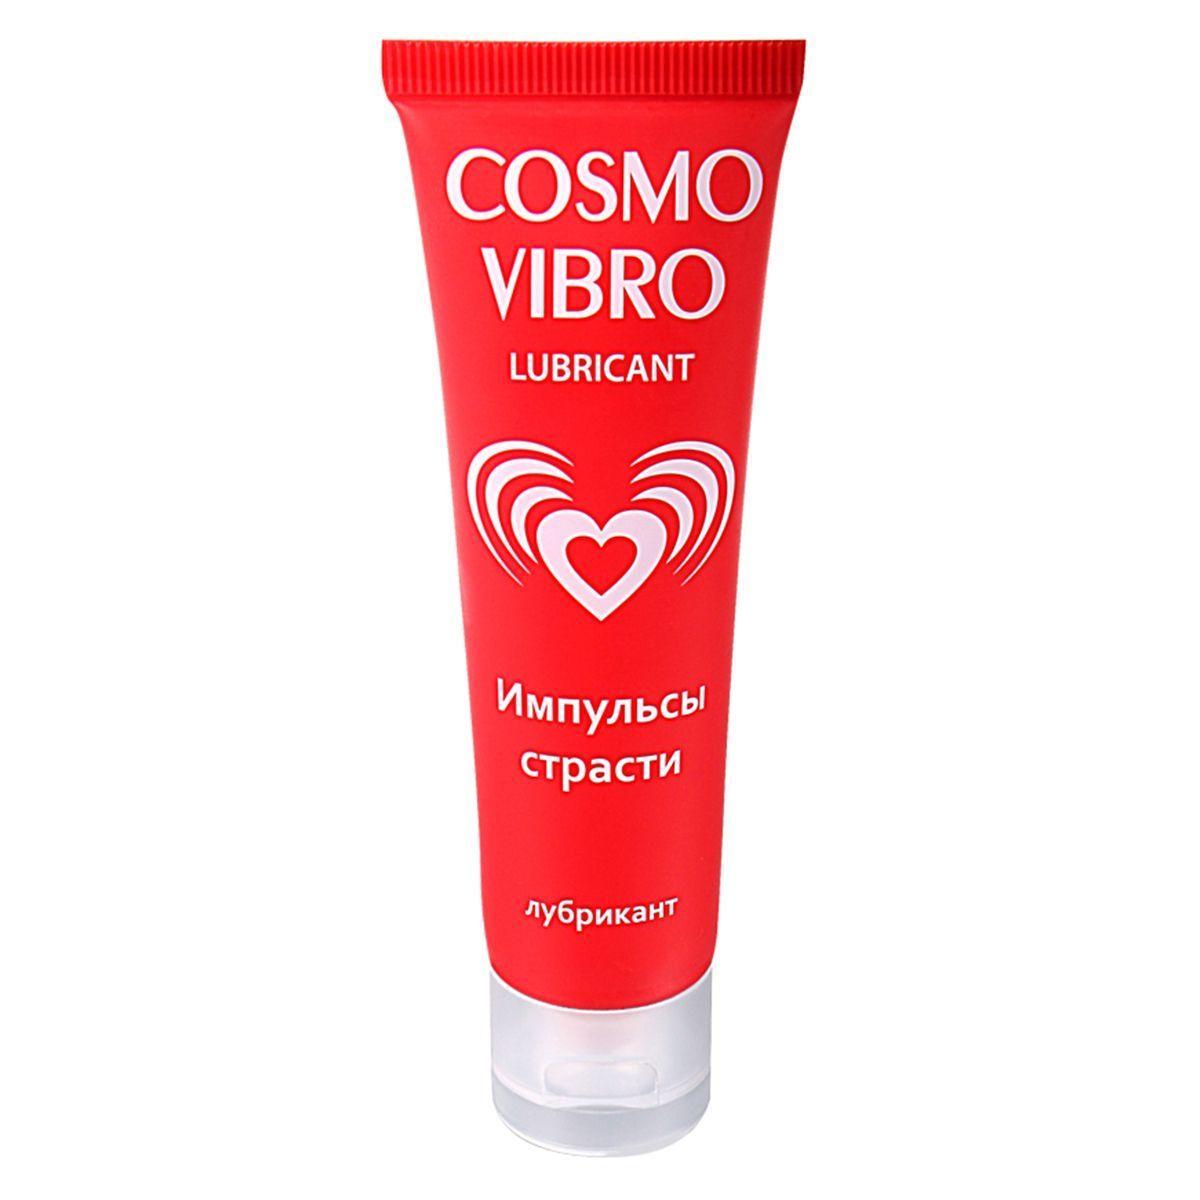 Возбуждающие: Женский стимулирующий лубрикант на силиконовой основе Cosmo Vibro - 50 гр.